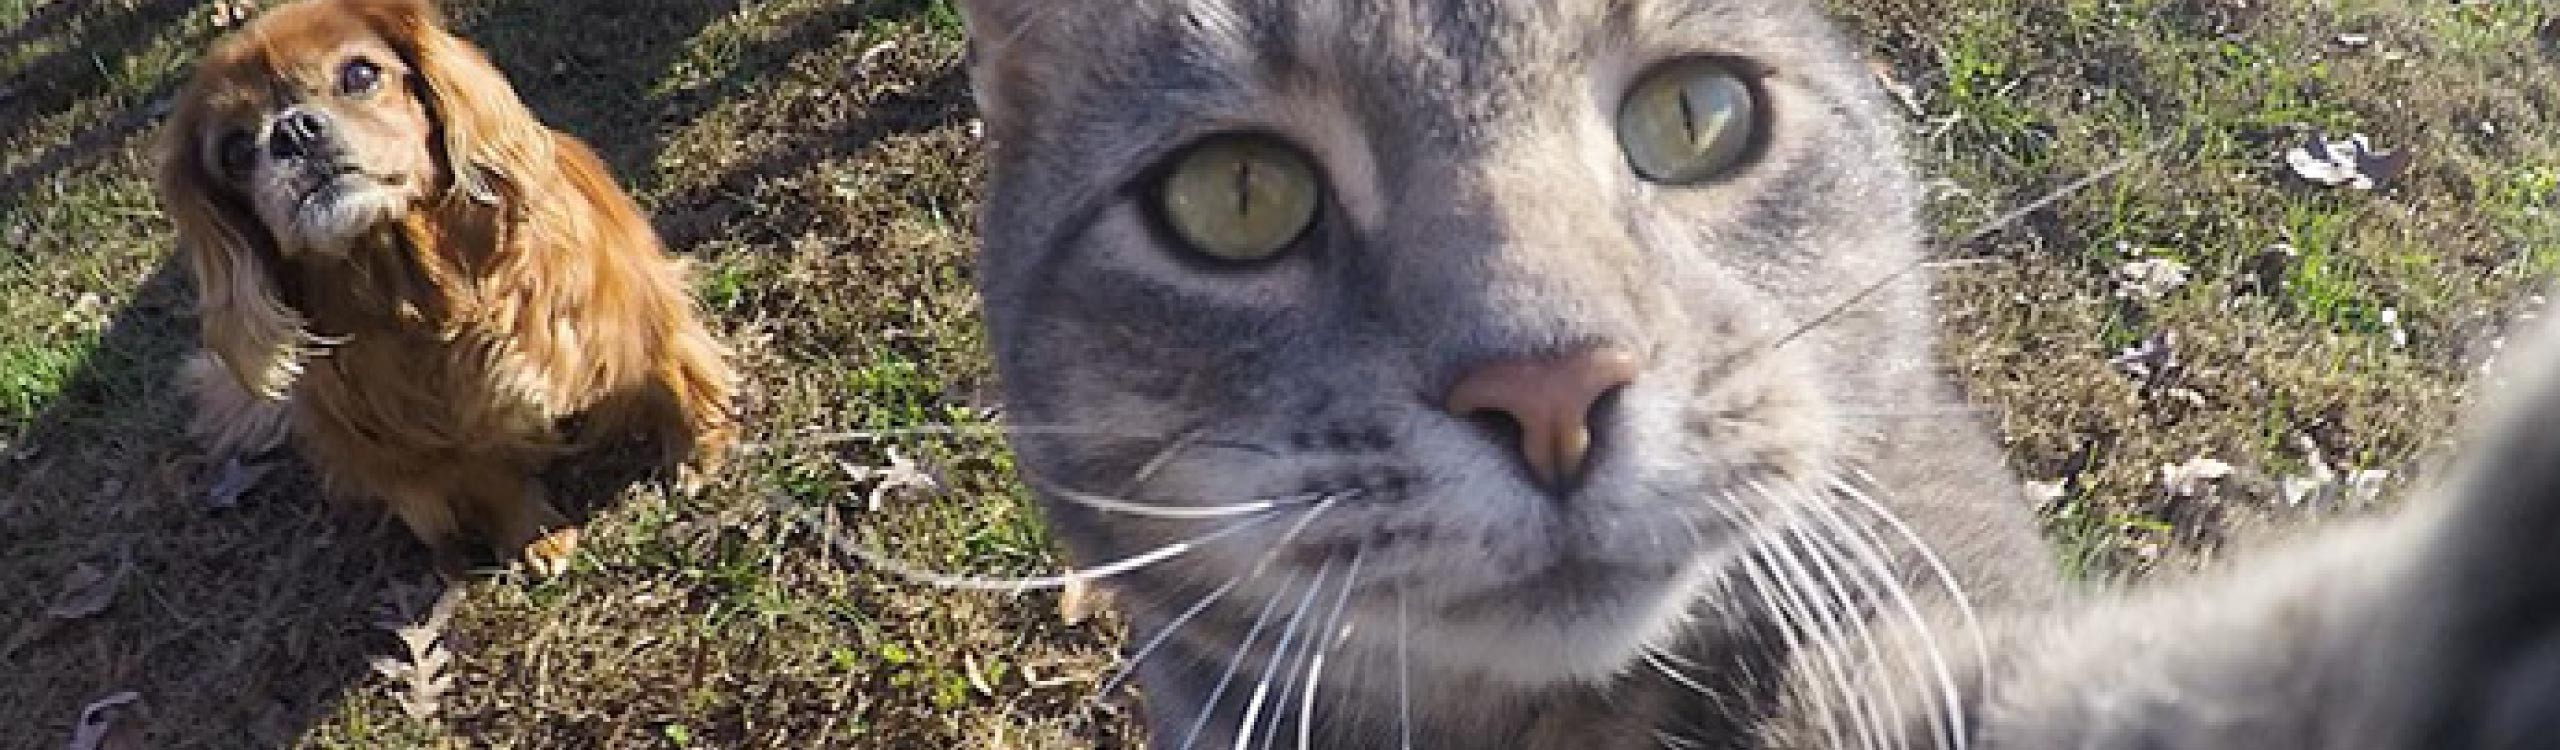 gato-gopro-selfies-mis-gafas-de-pasta-destacado